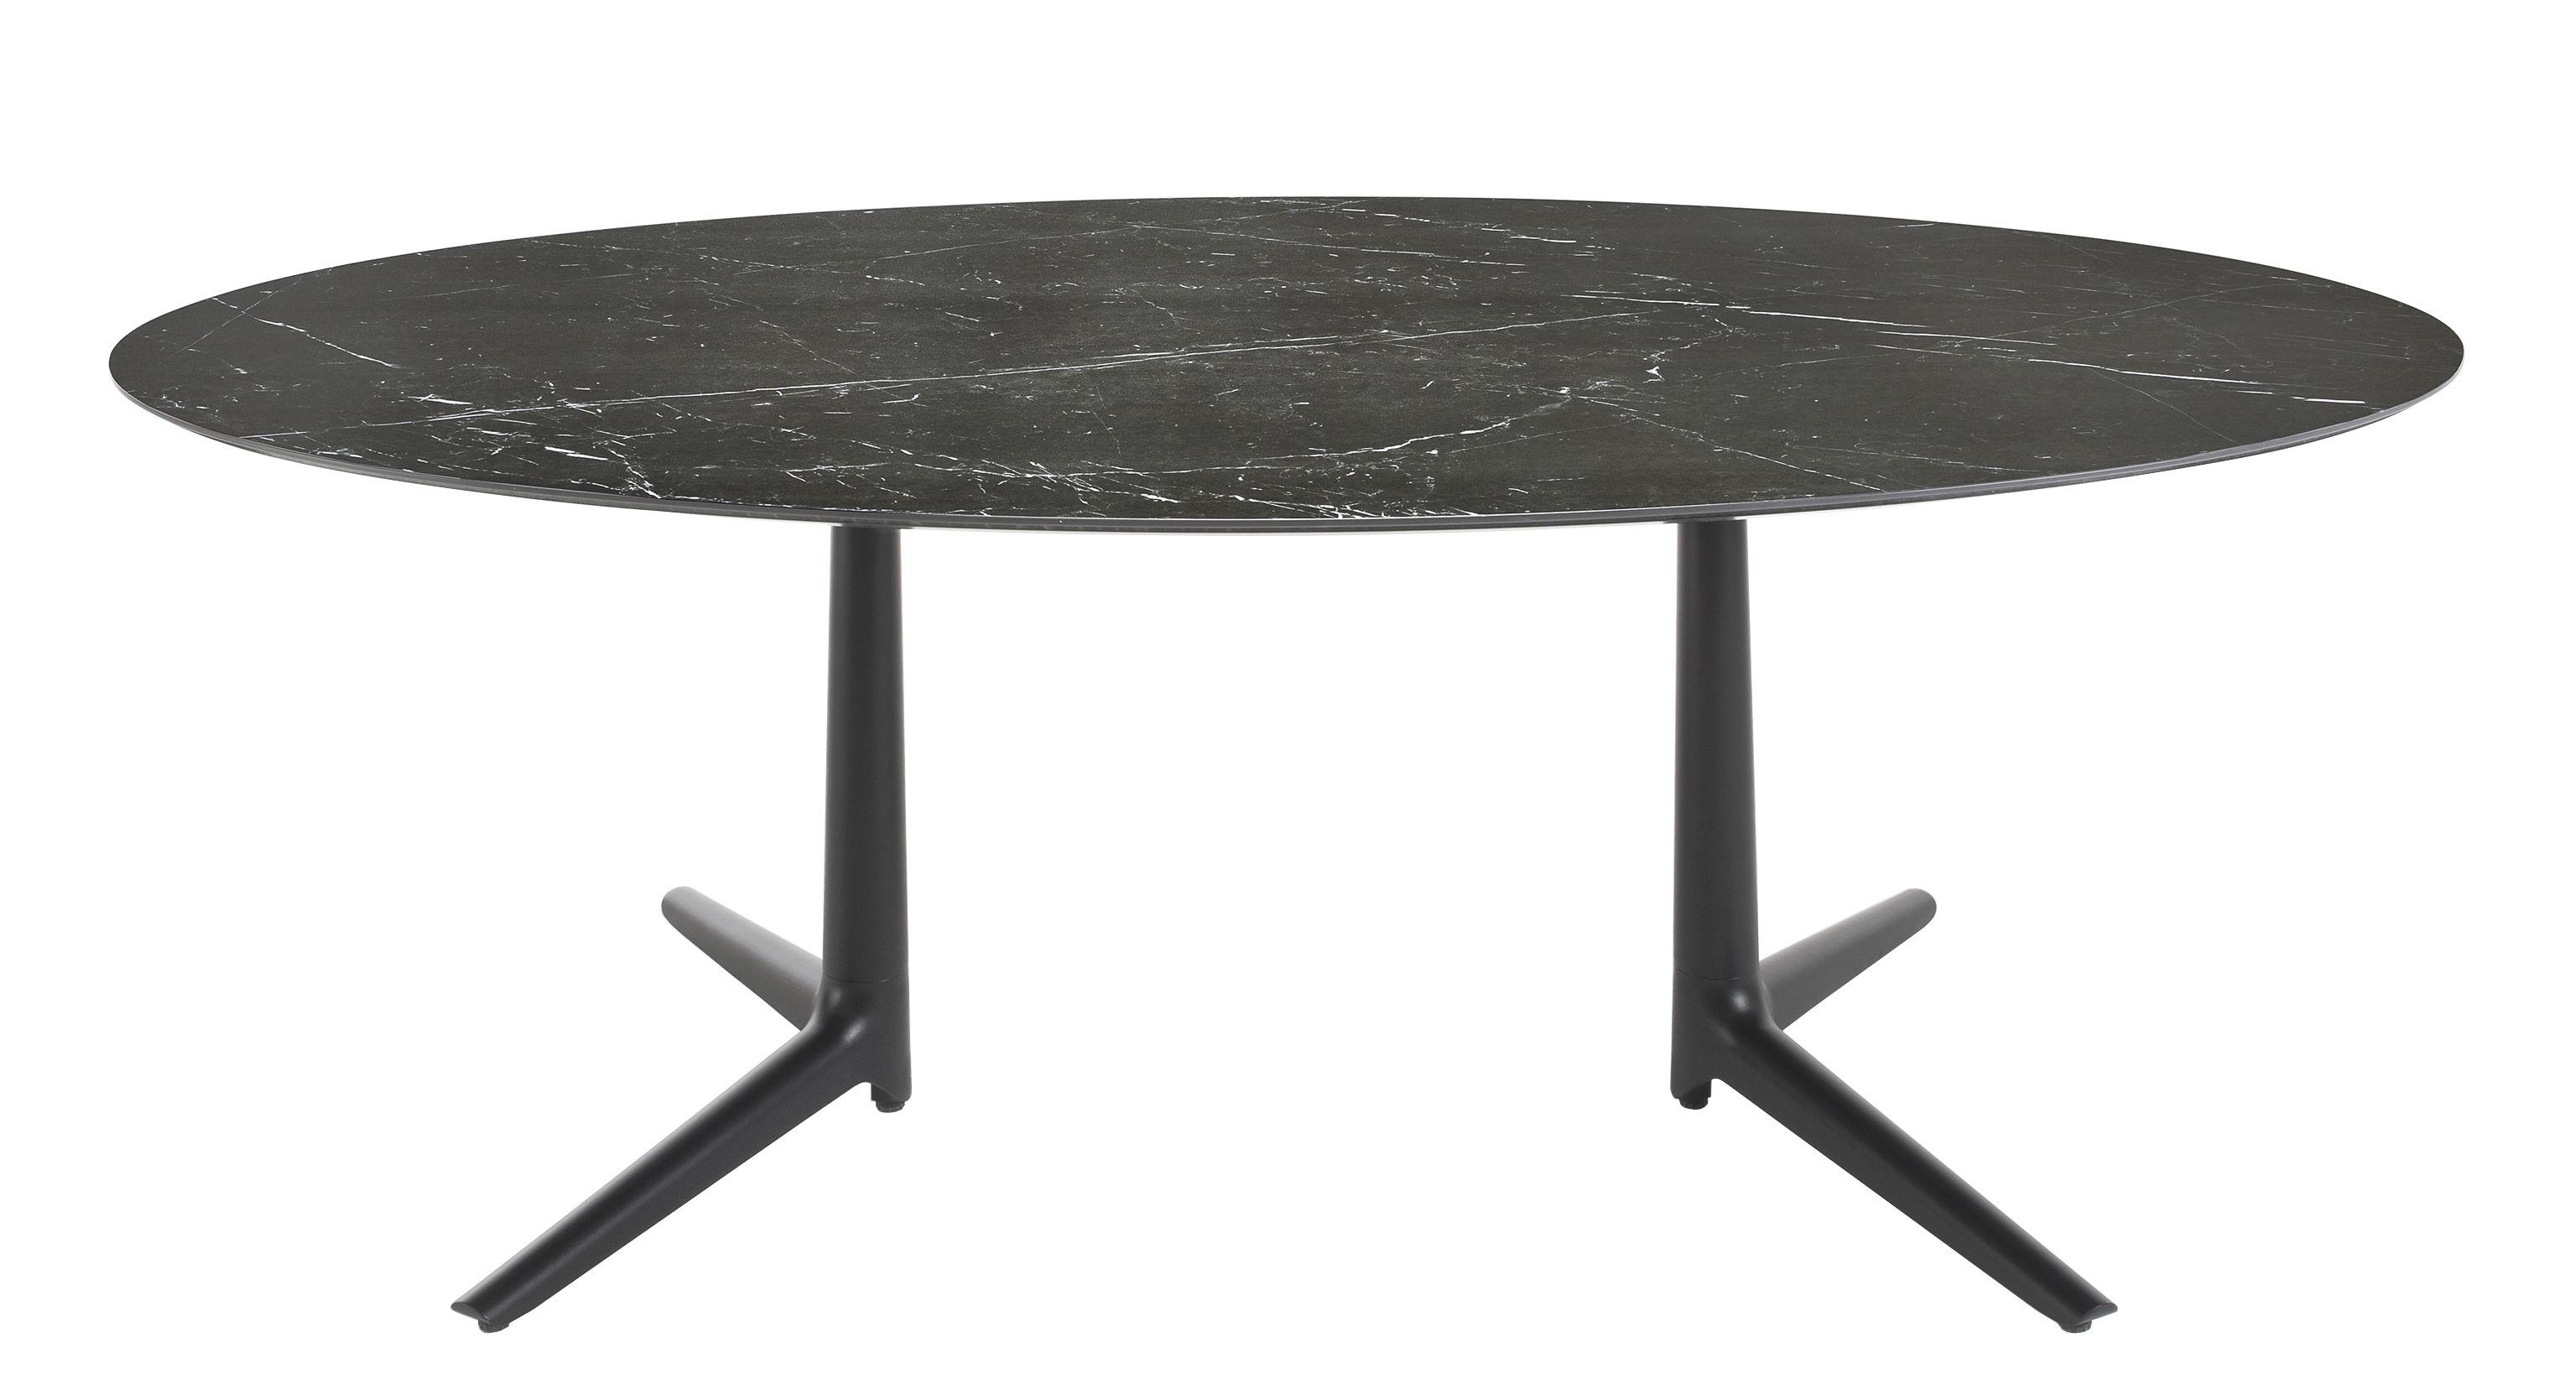 Möbel - Tische - Multiplo indoor Ovaler Tisch / oval - 192 x 118 cm / Steinzeug mit Marmor-Optik - Kartell - Schwarze Marmor-Optik / Tischbeine schwarz - klarlackbeschichtetes Aluminium, Steinzeug, Marmoreffekt